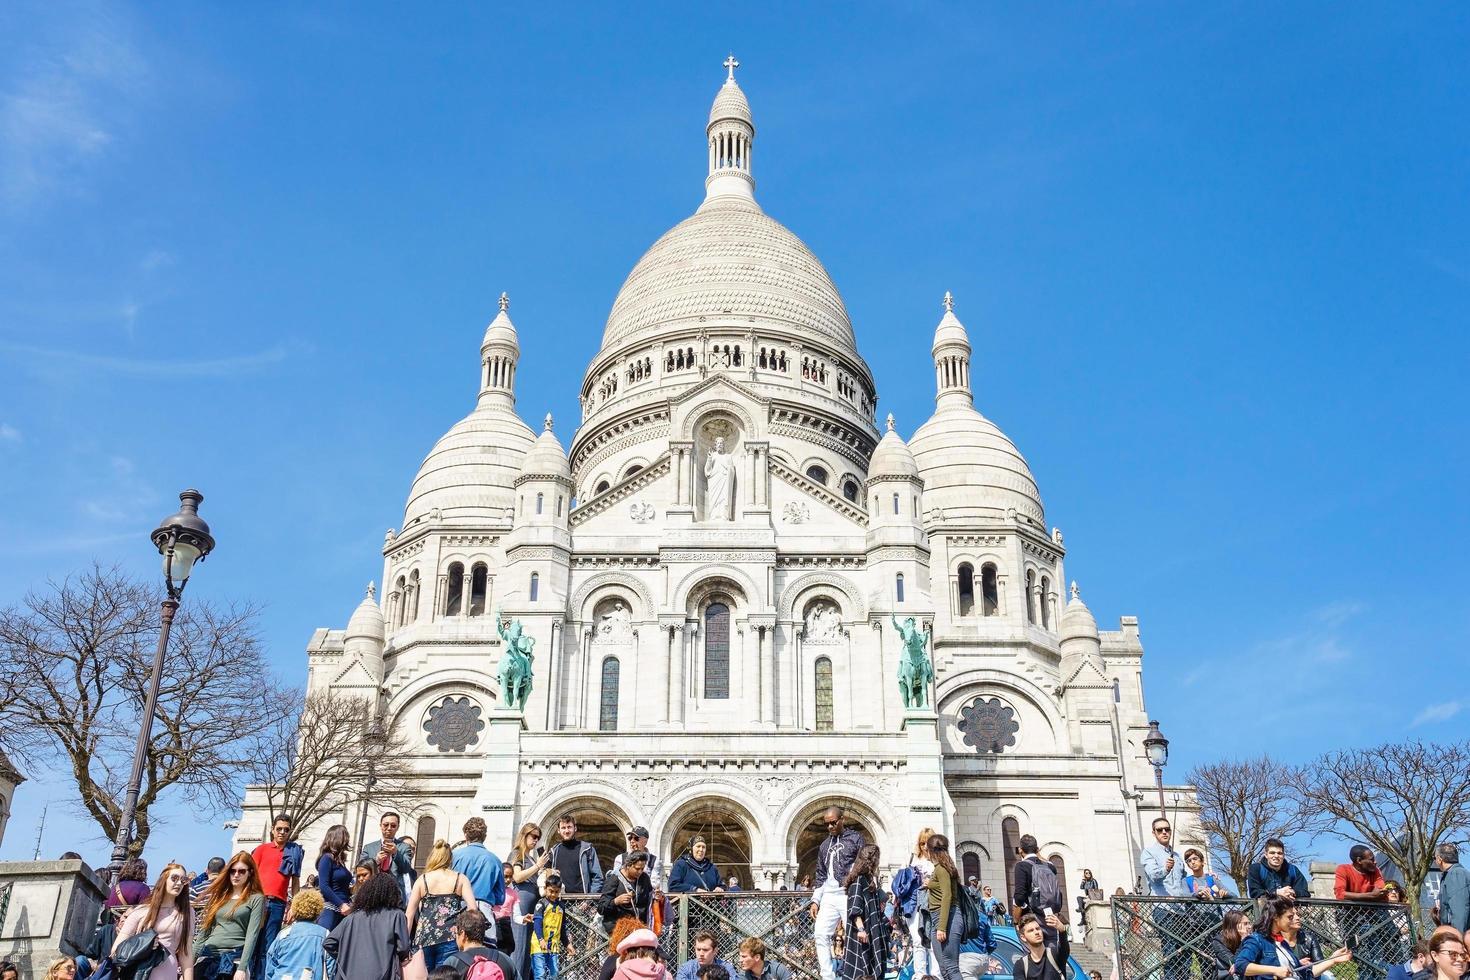 I turisti a montmartre vicino alla basilica sacre coeur, parigi foto